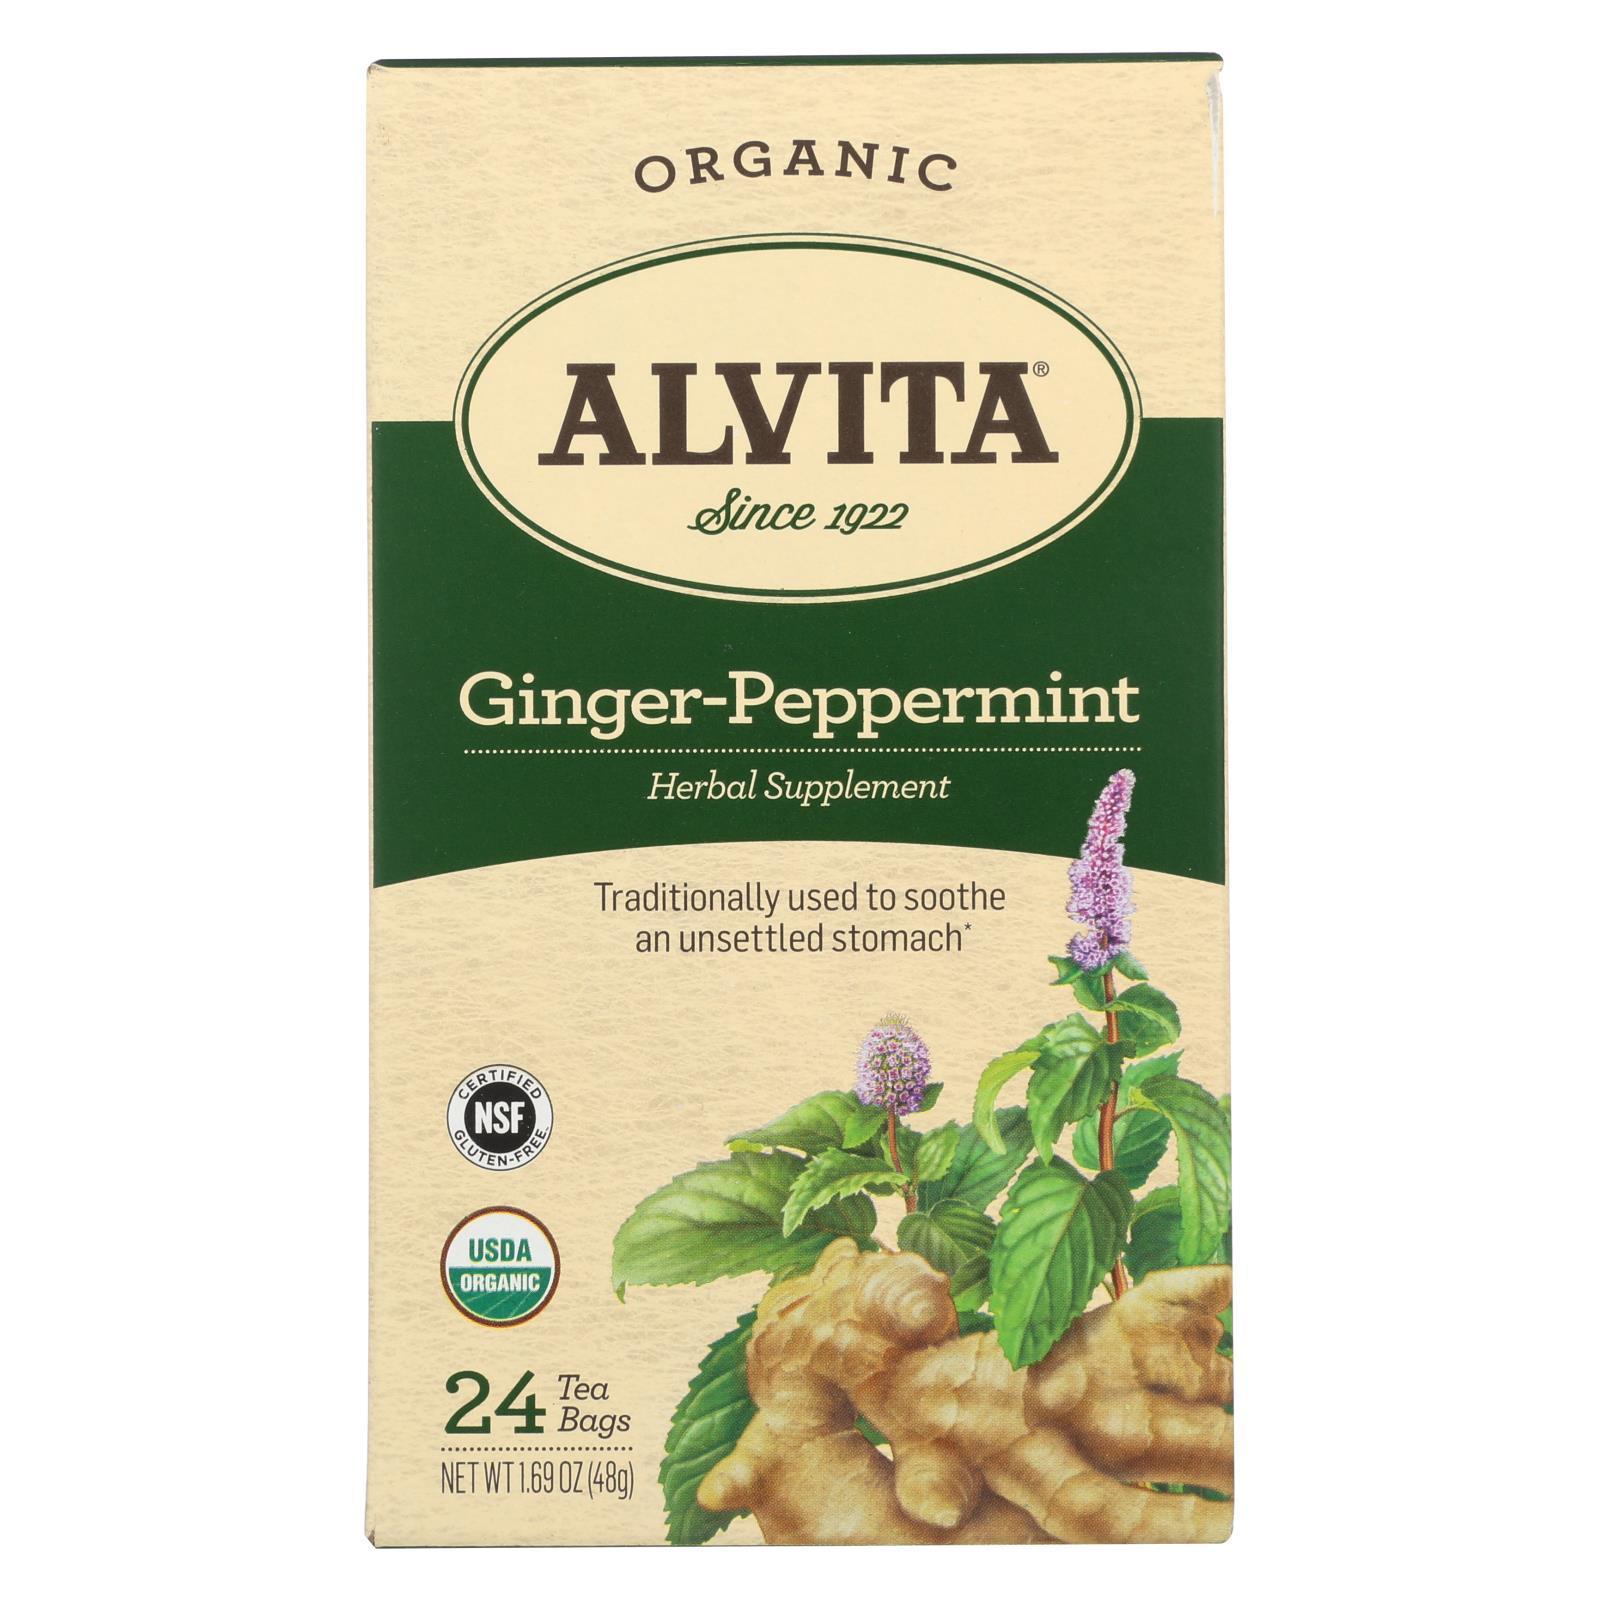 Alvita Tea Ginger-Peppermint - 24 Bag